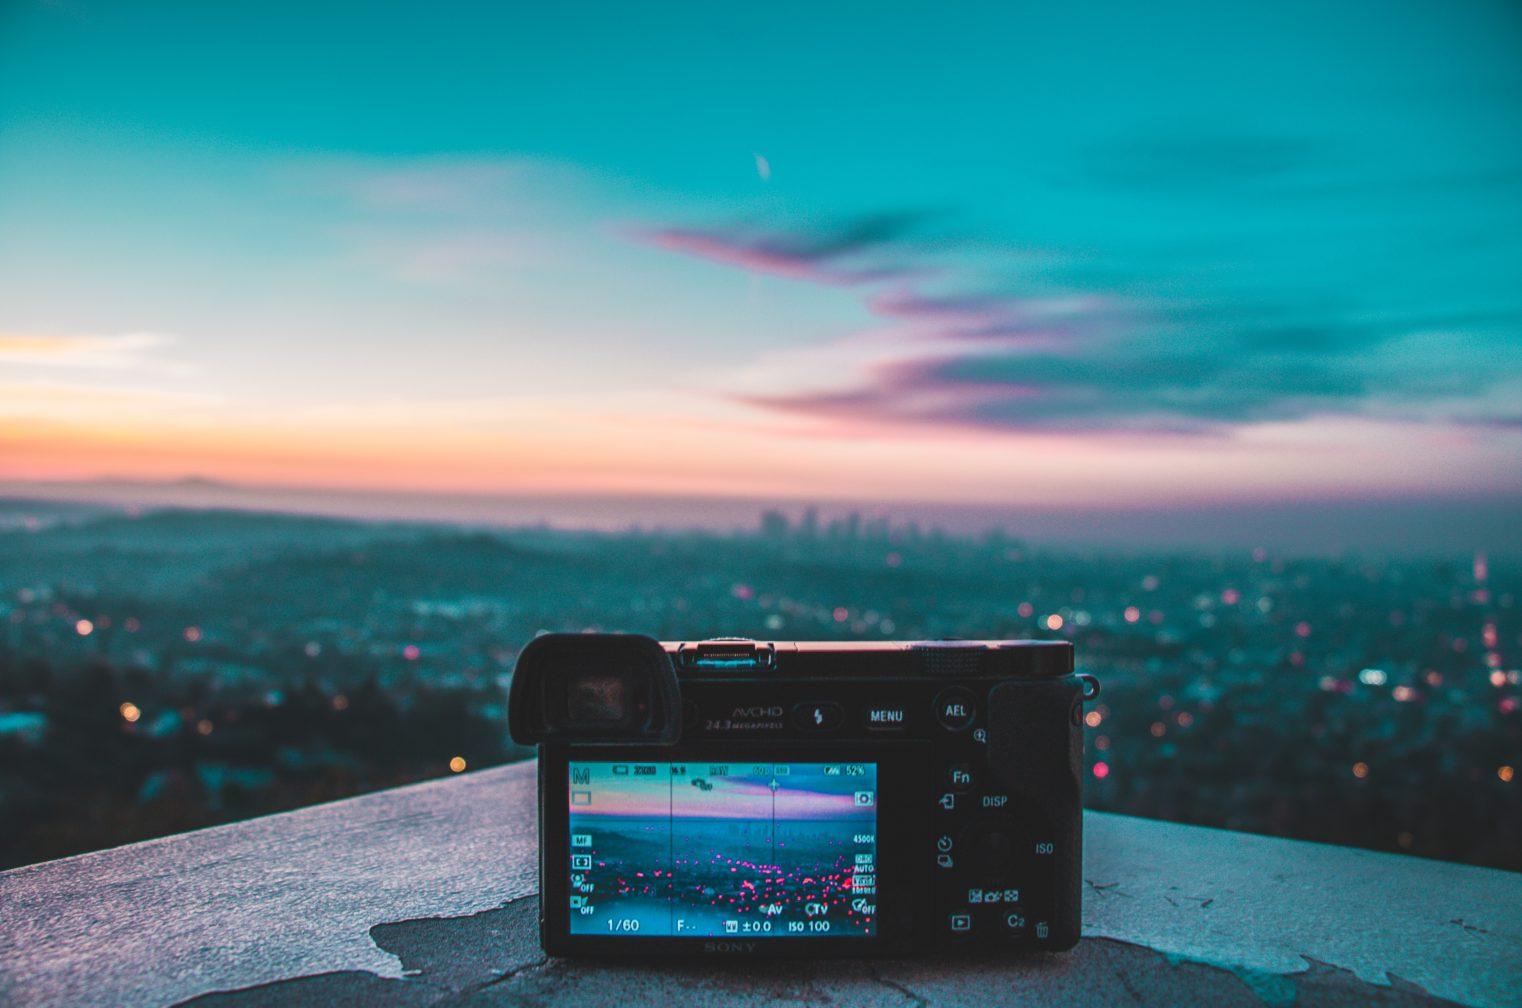 撮像素子とは?サイズが大きいメリット、デメリット 【デジタルカメラの基礎講座(第3回)】